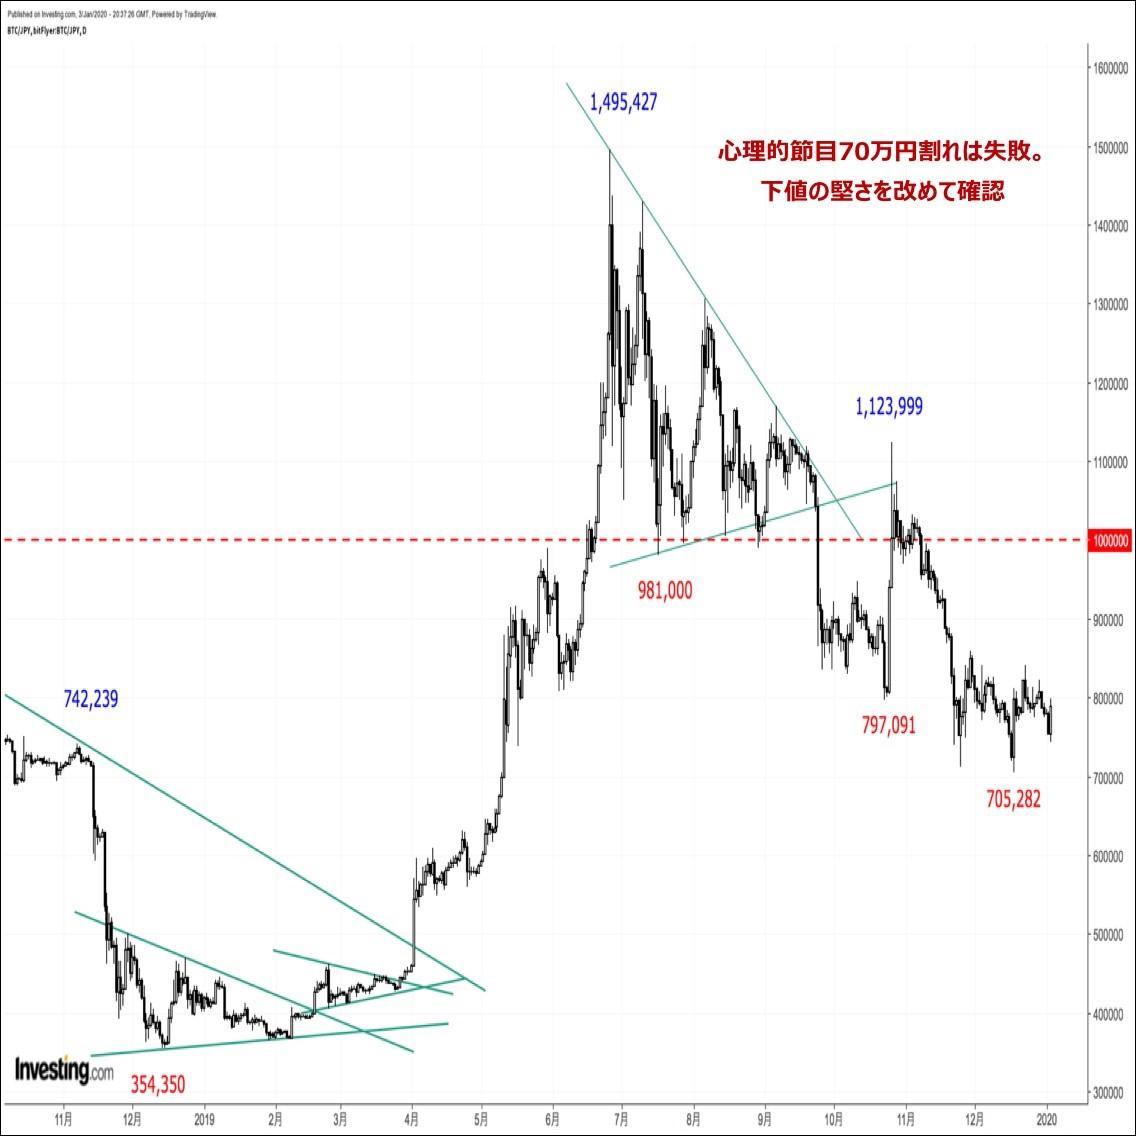 ビットコインの価格分析:『直近安値トライに失敗。下値の堅さを改めて確認』(20/1/4)